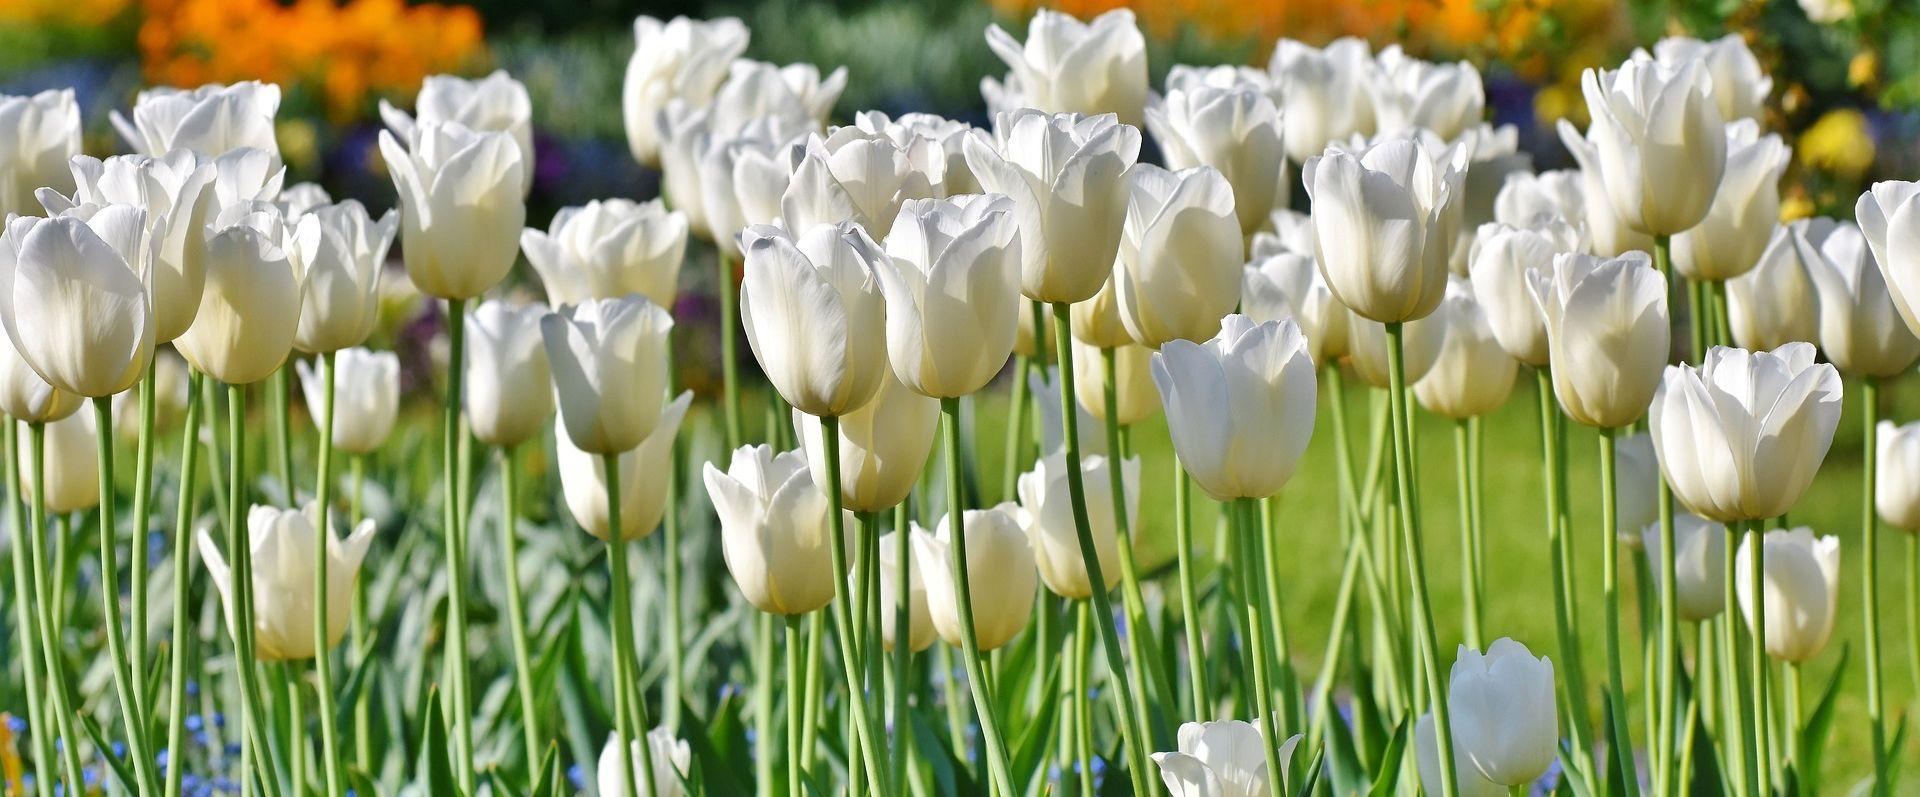 Floraart od 28. svibnja do 3. lipnja na Bundeku